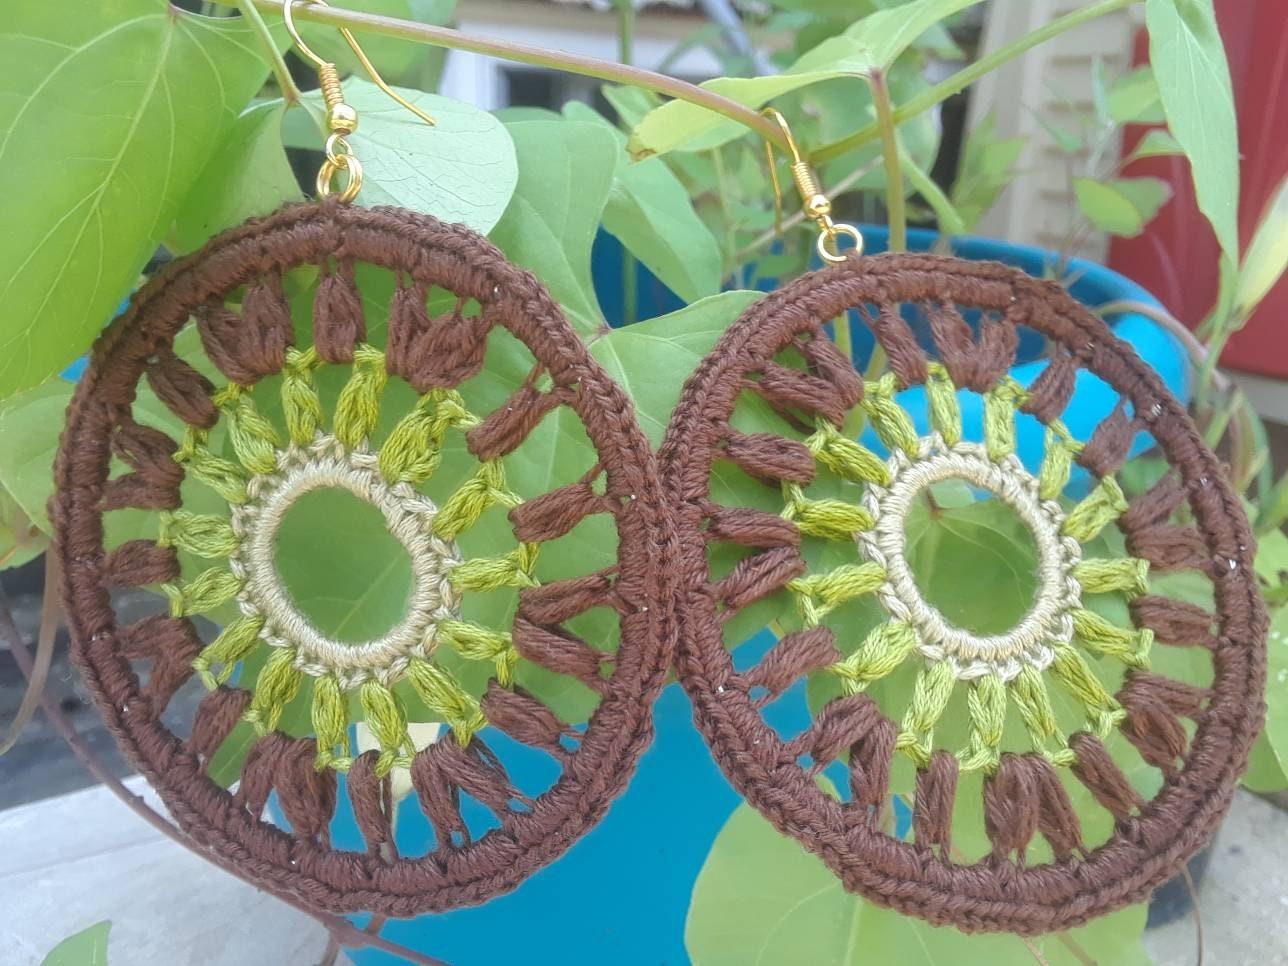 Crochet Earrings Large Diana Crochet Earrings Brown Green Tan